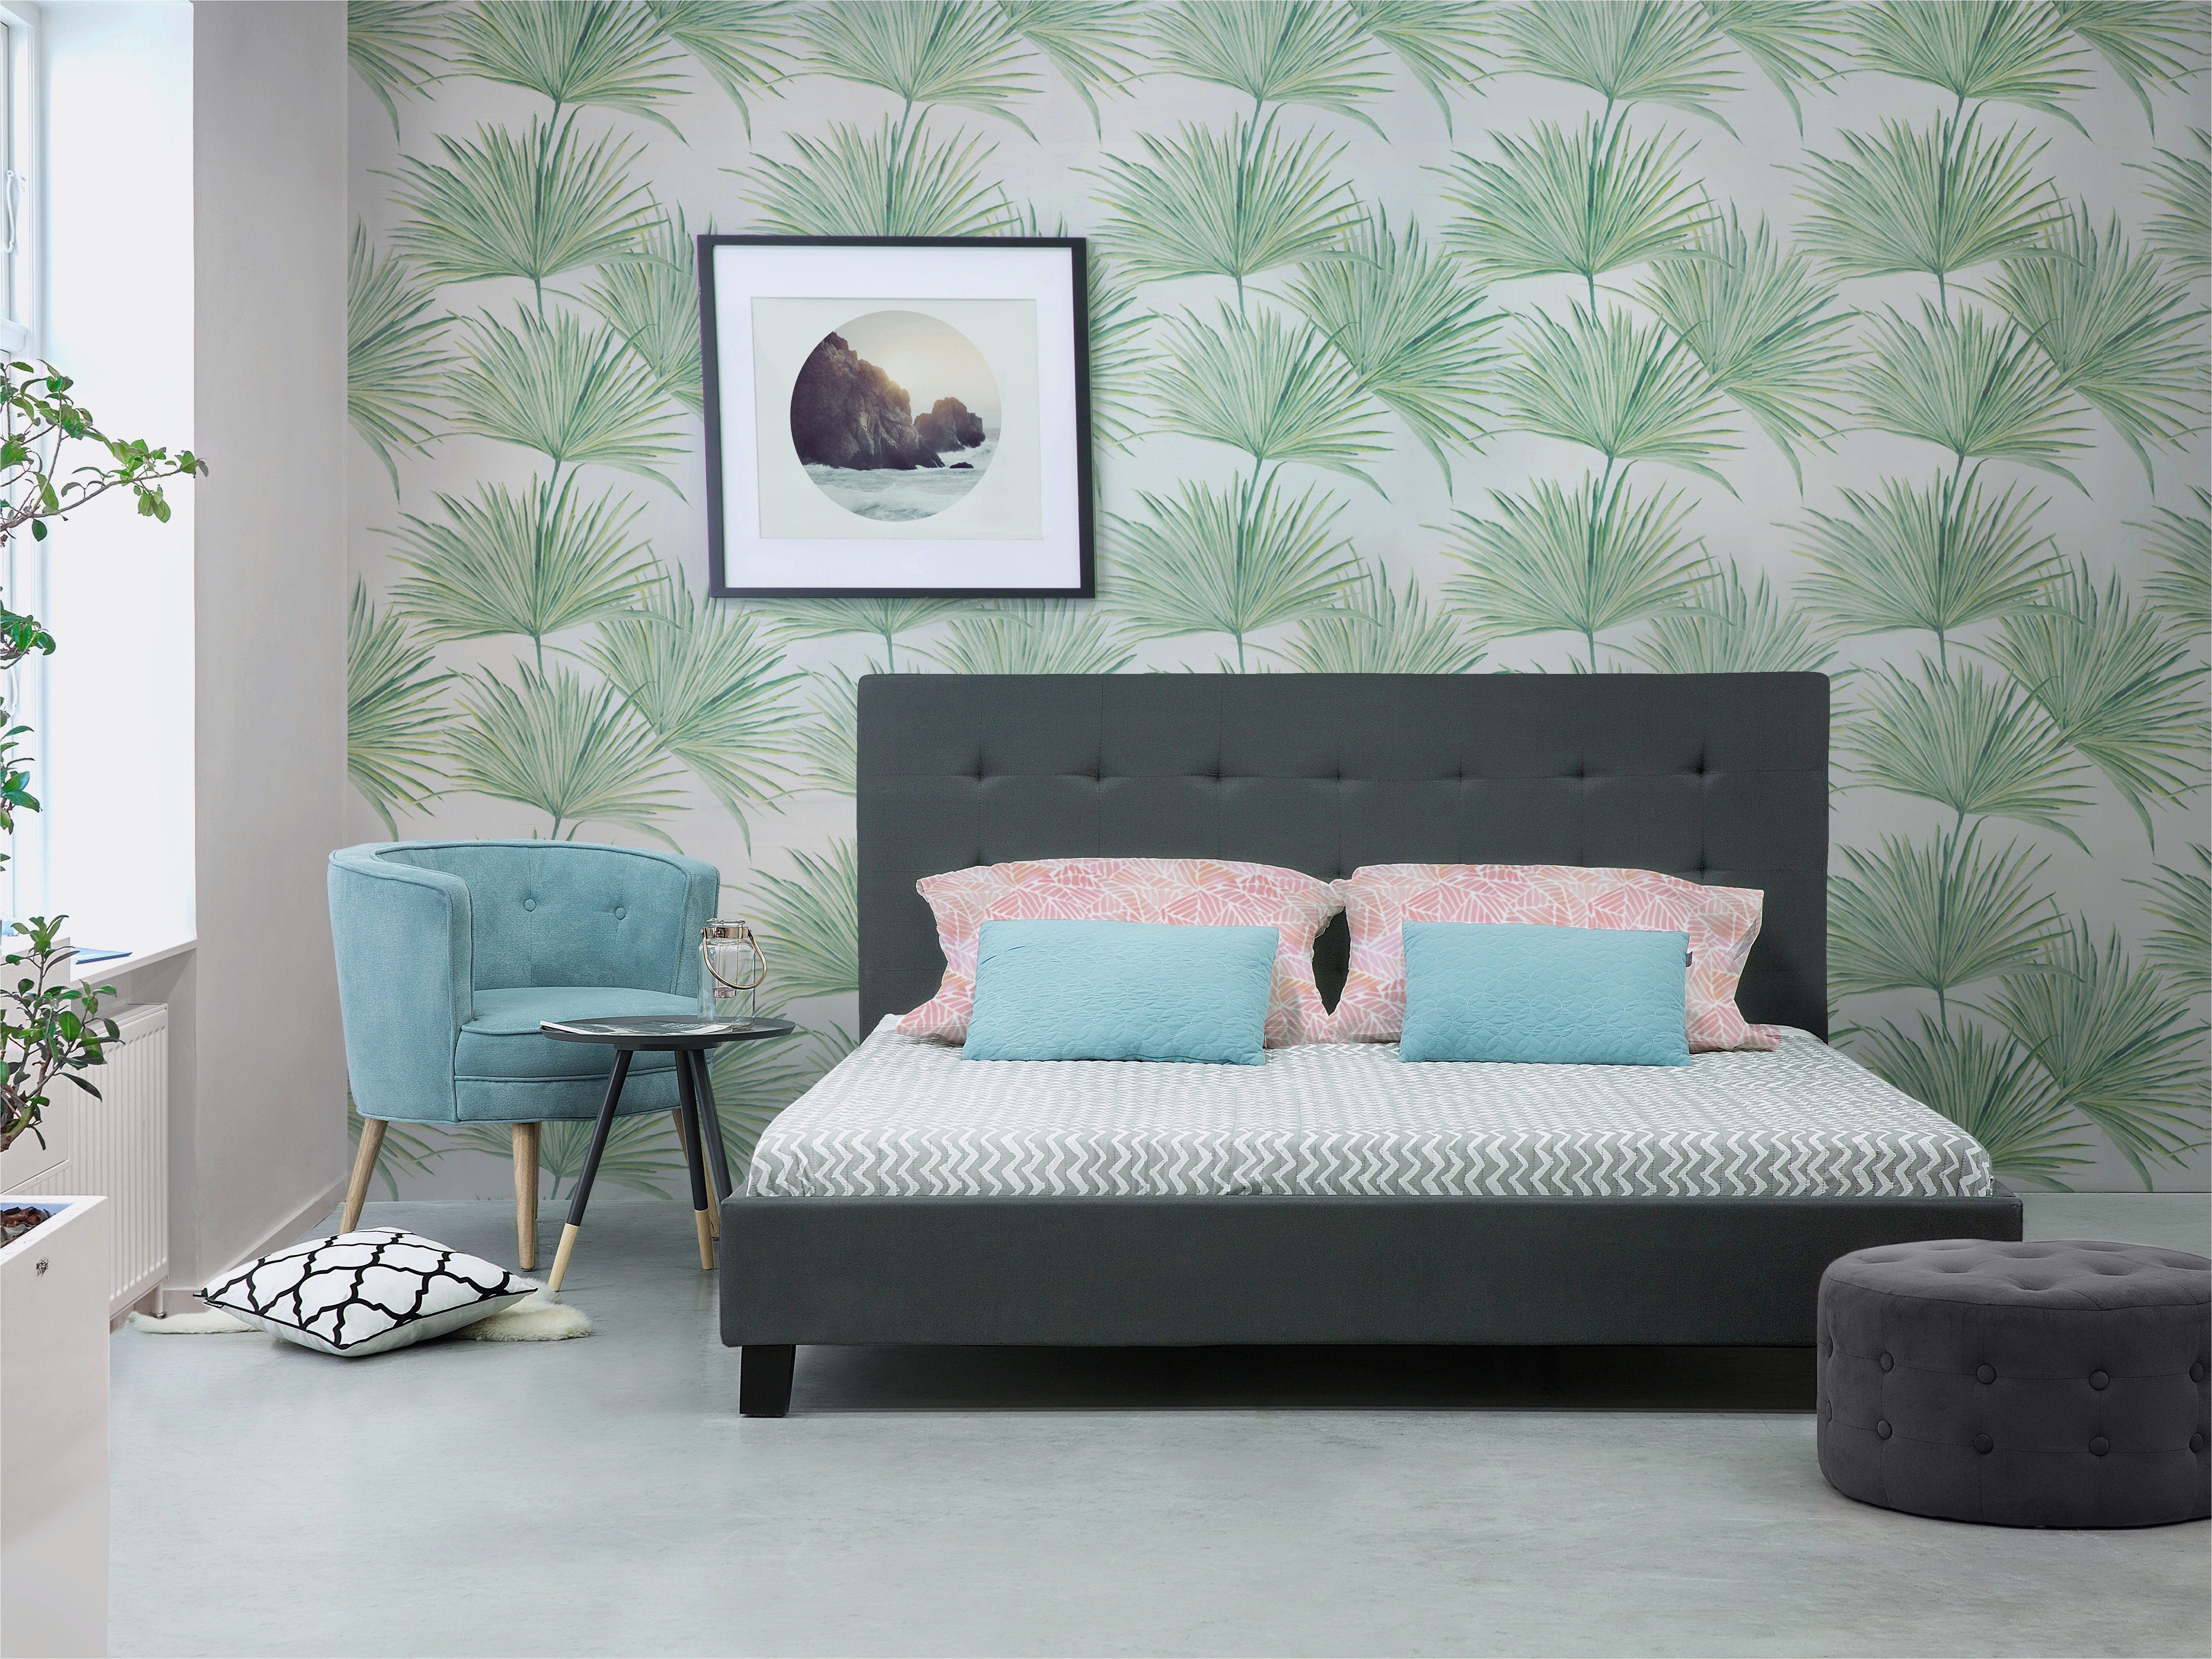 Lit A Baldaquin Ikea Génial Tete De Lit Chez Ikea élégant 48 Impressionnant Tete De Lit 180 Cm 7